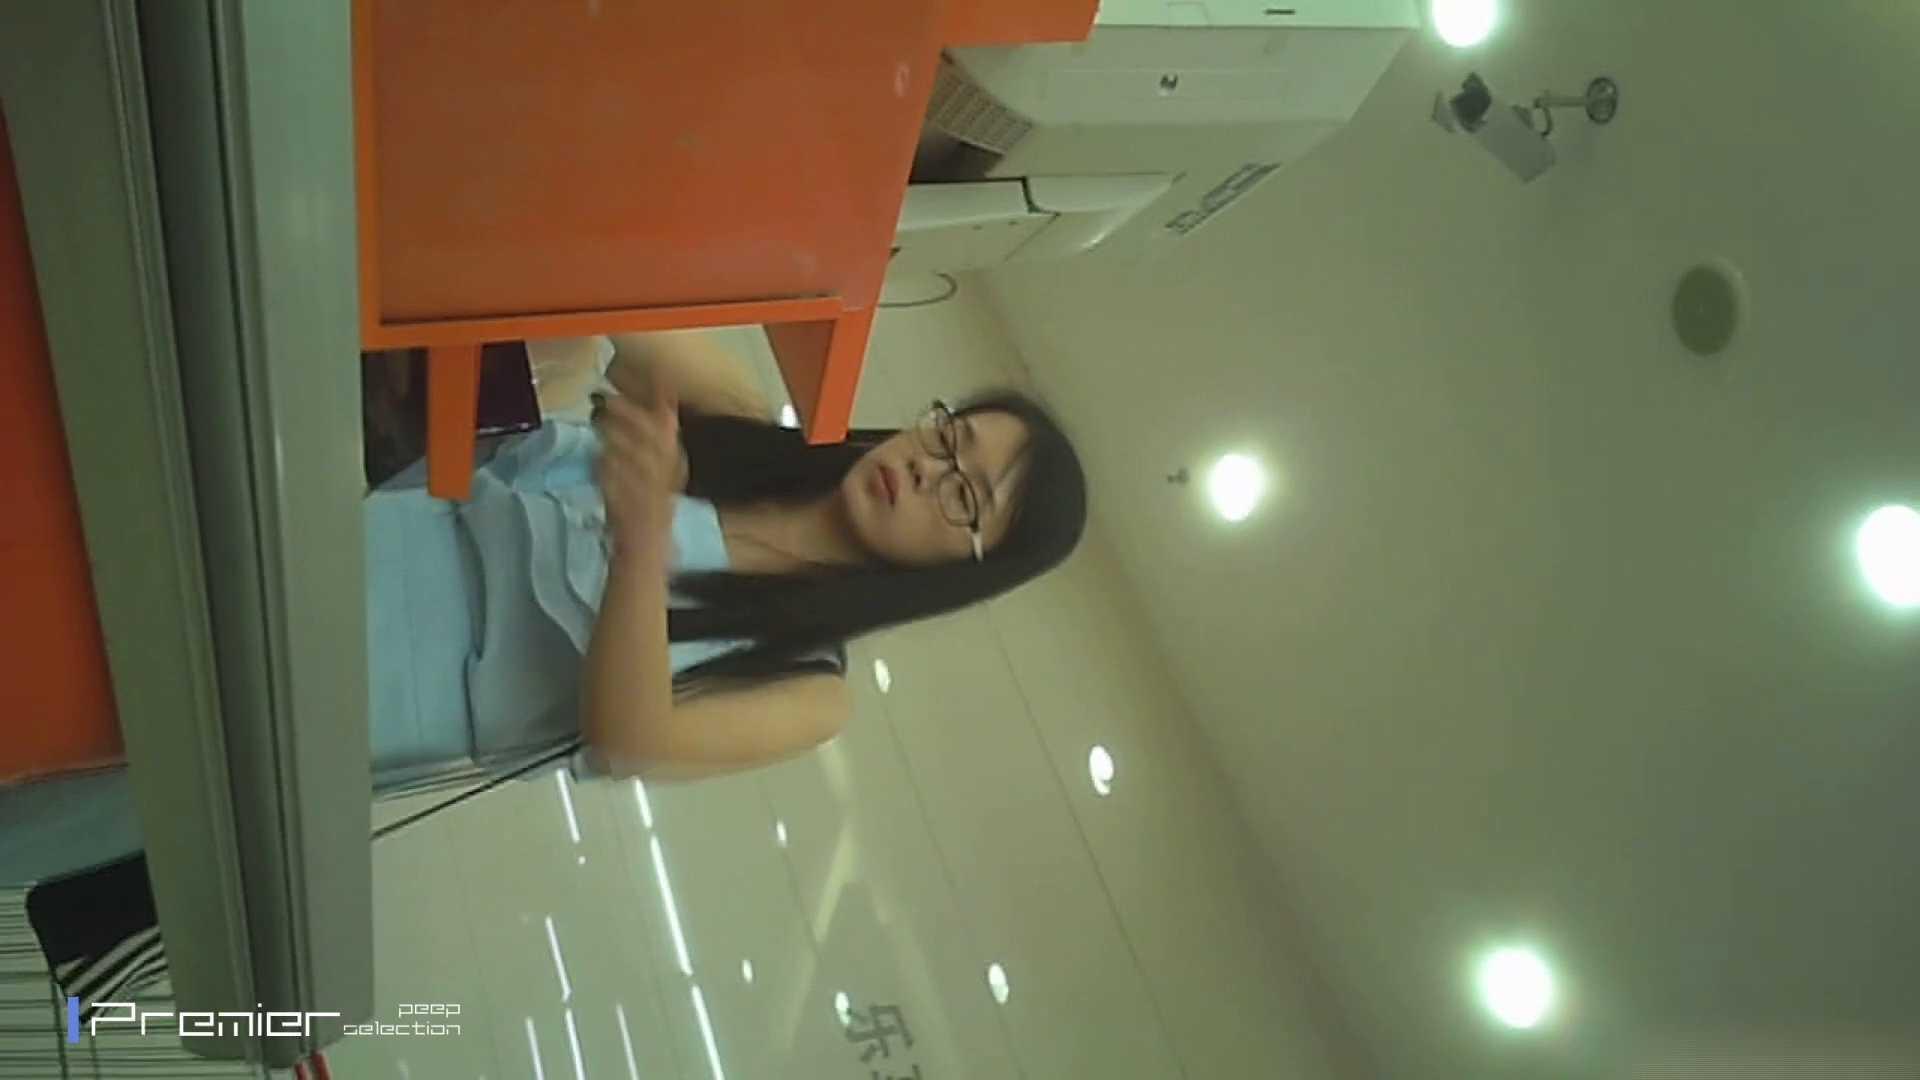 美女の痴態に密着!ギャルのパンチラVol.04 眼鏡女良のパンチラ 美肌 オメコ無修正動画無料 99画像 64